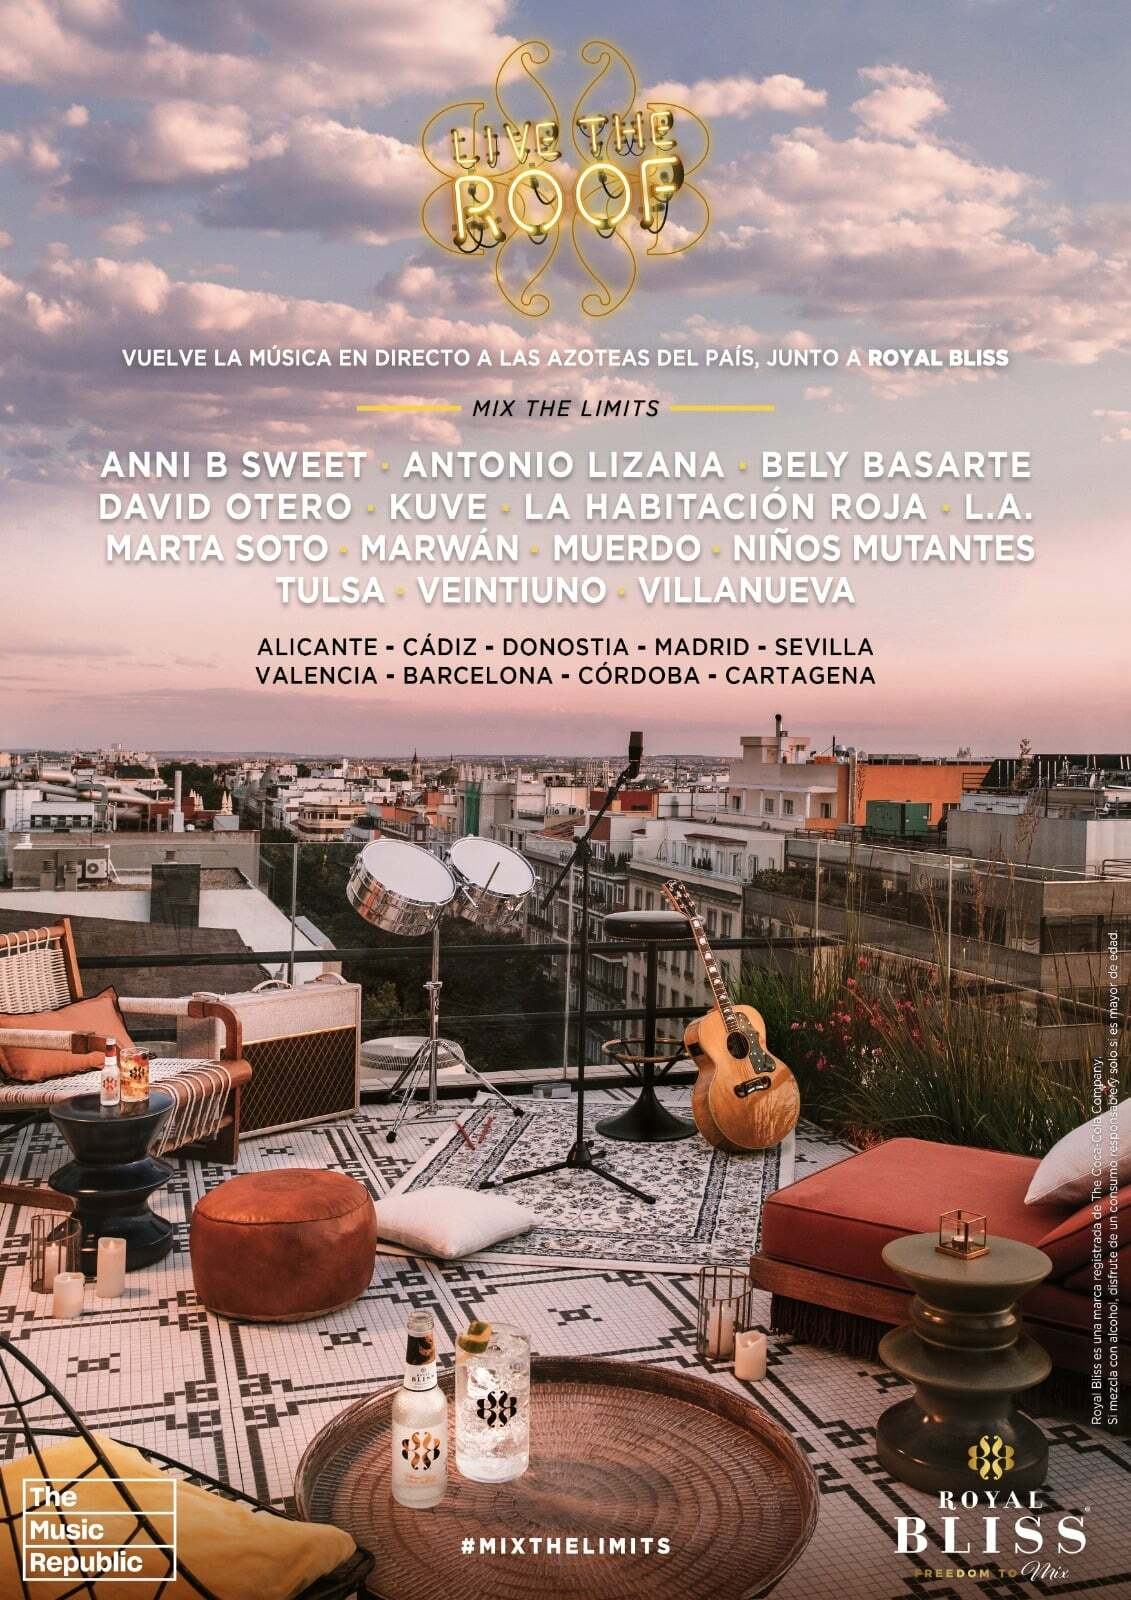 Llega la nueva edición de Live The Roof para poder disfrutar de este especial encuentro en los mejores atardeceres de la temporada estival.